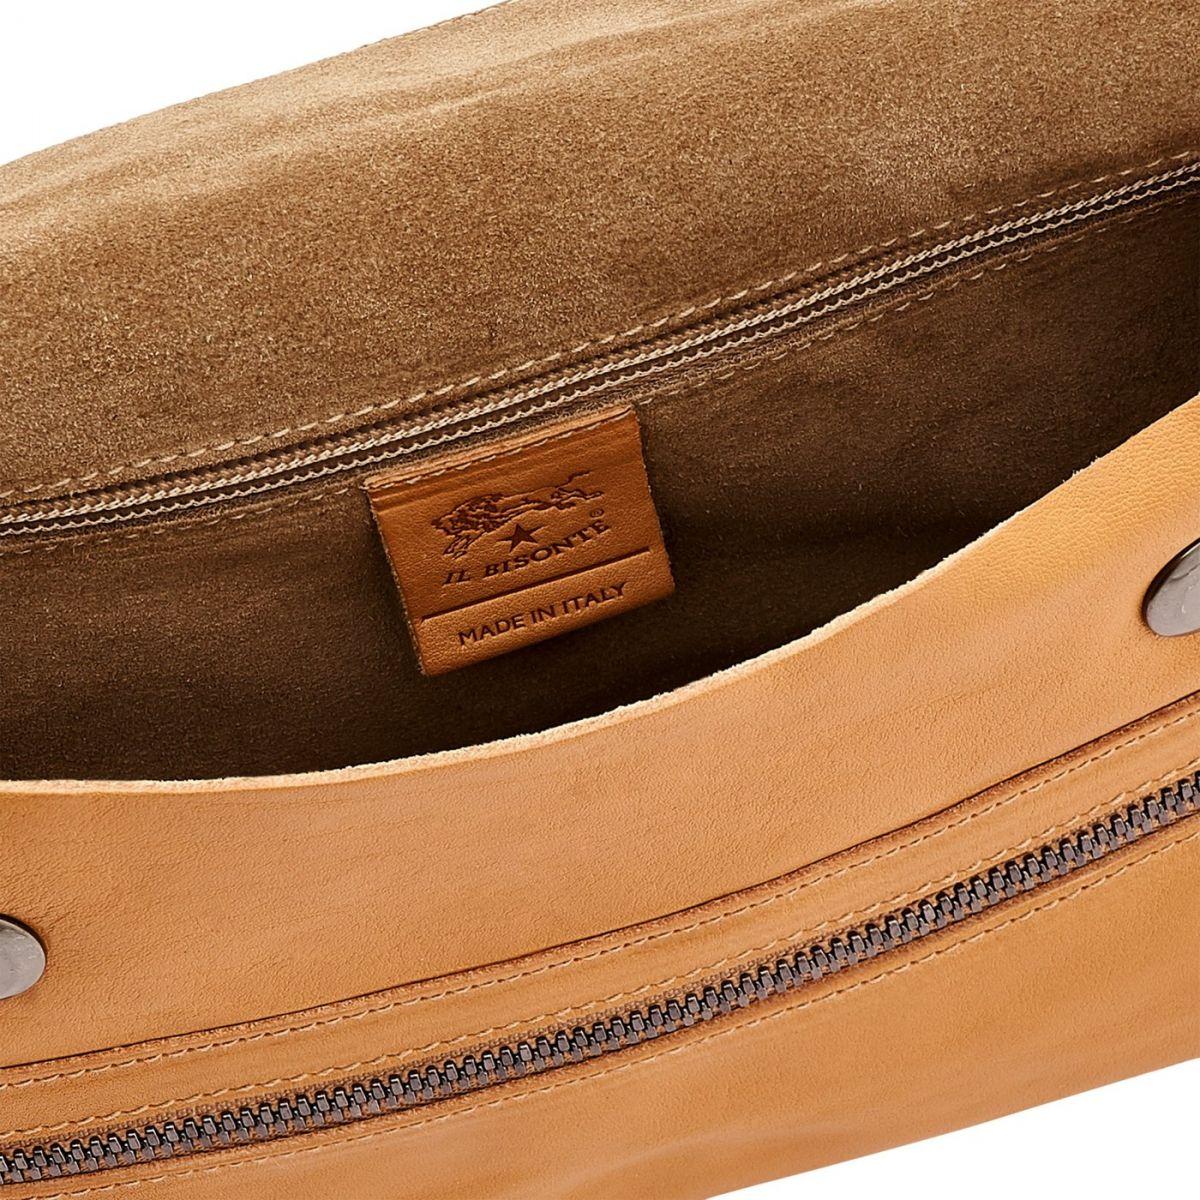 Men's Belt Bag Narciso in Vintage Cowhide Leather BBB024 color Natural | Details